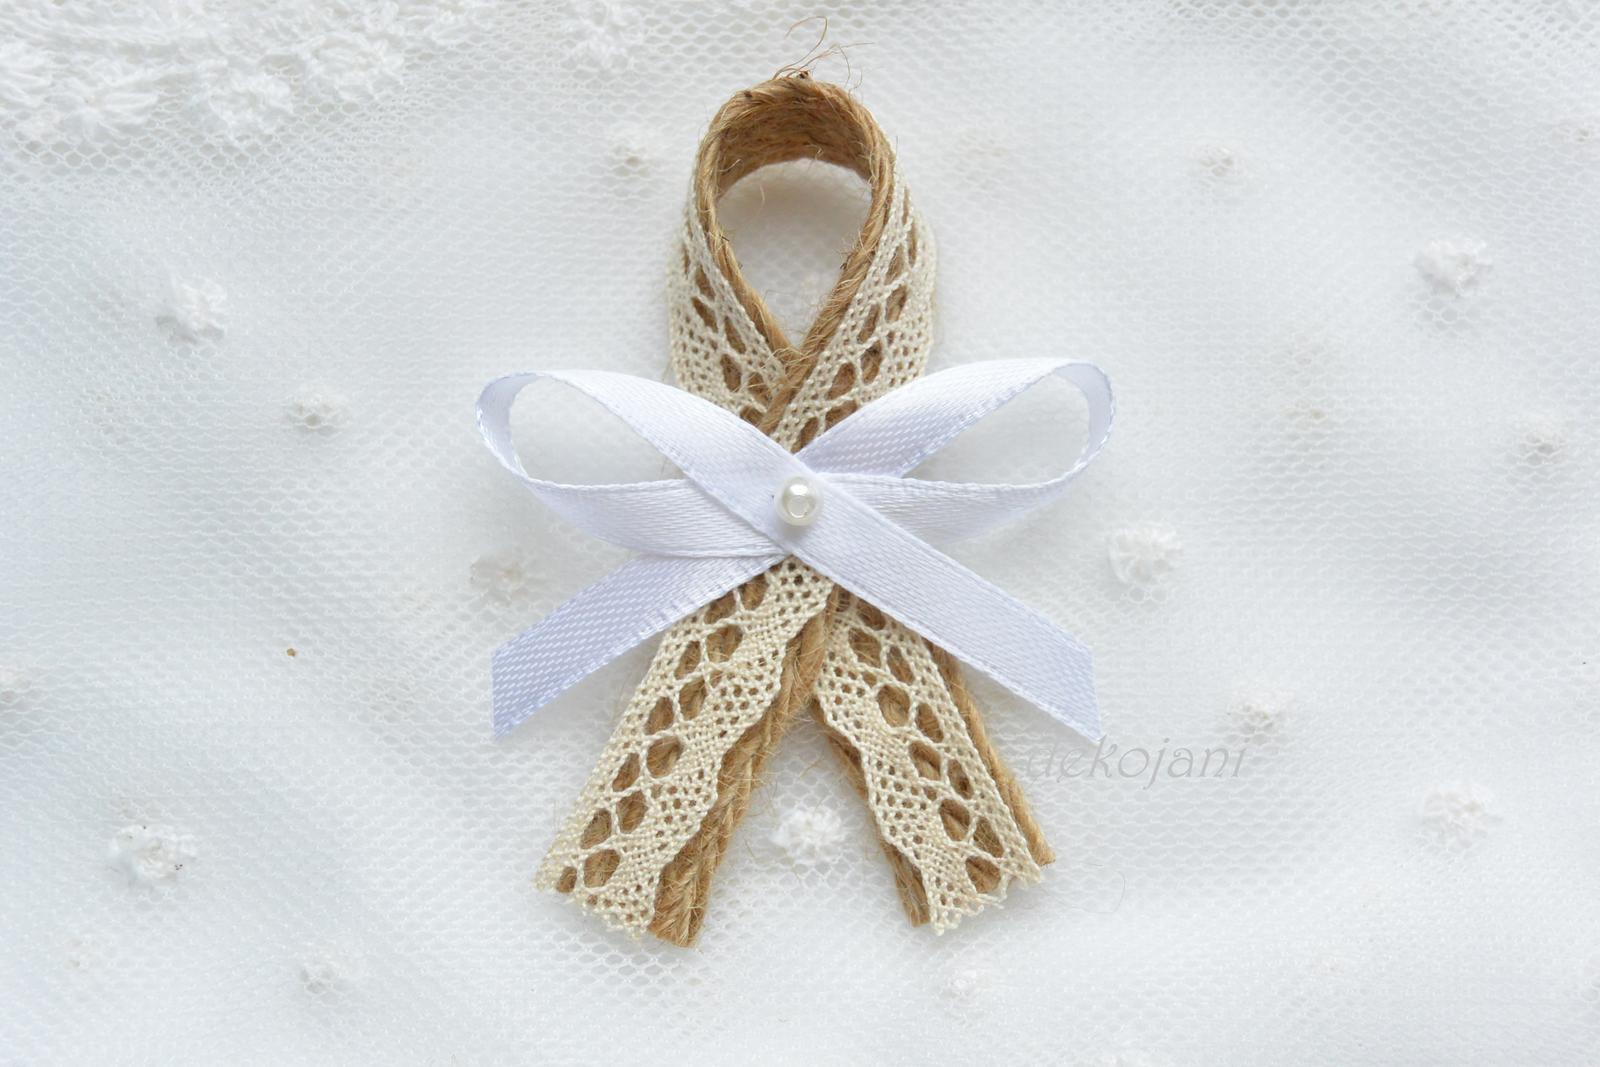 Luxusní svatební doplňky a dekorace. - Obrázek č. 10